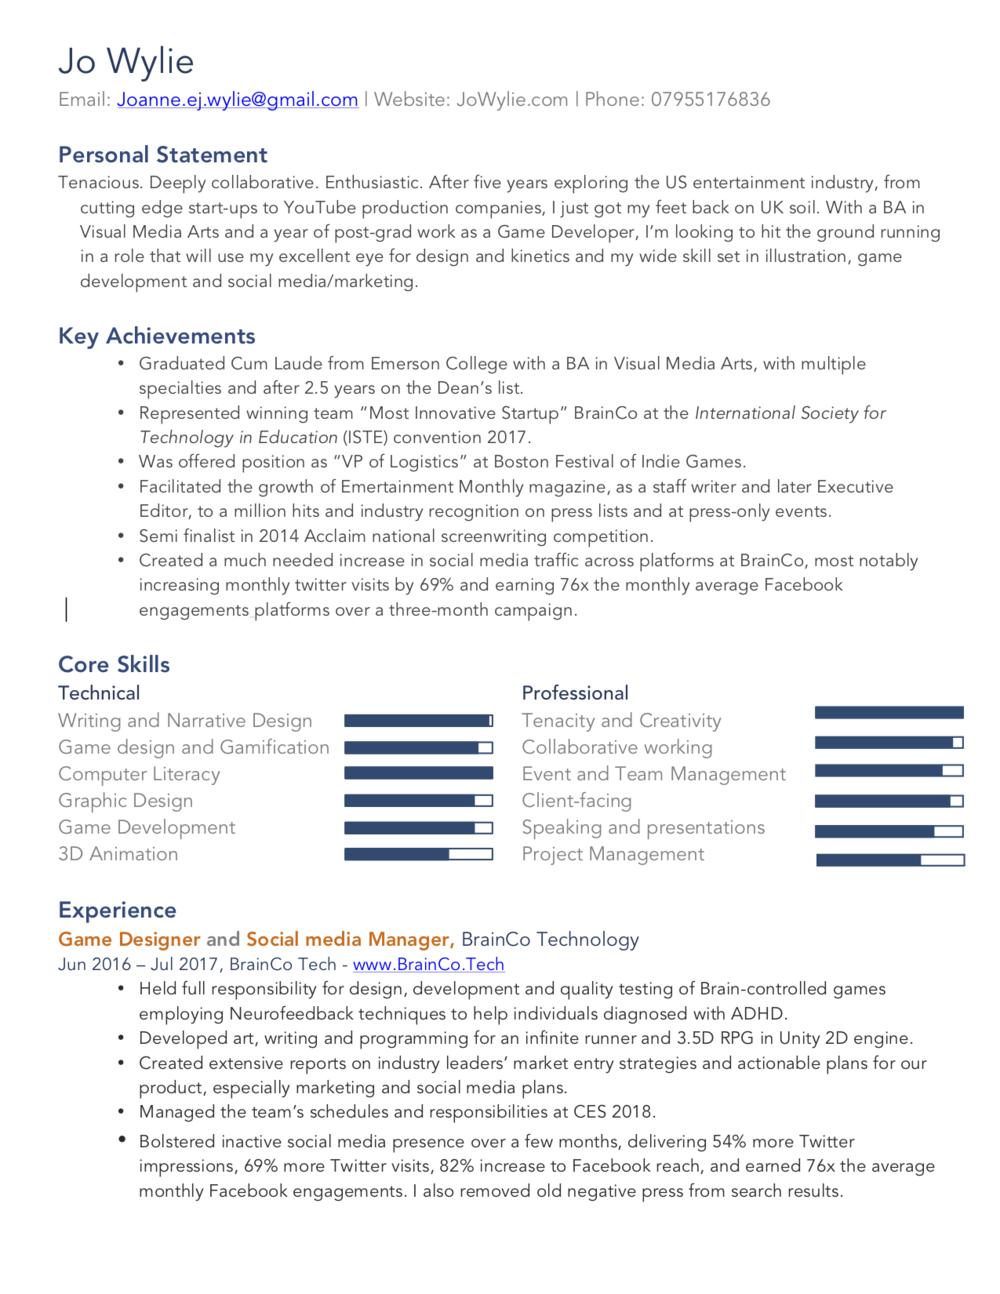 CV page 1